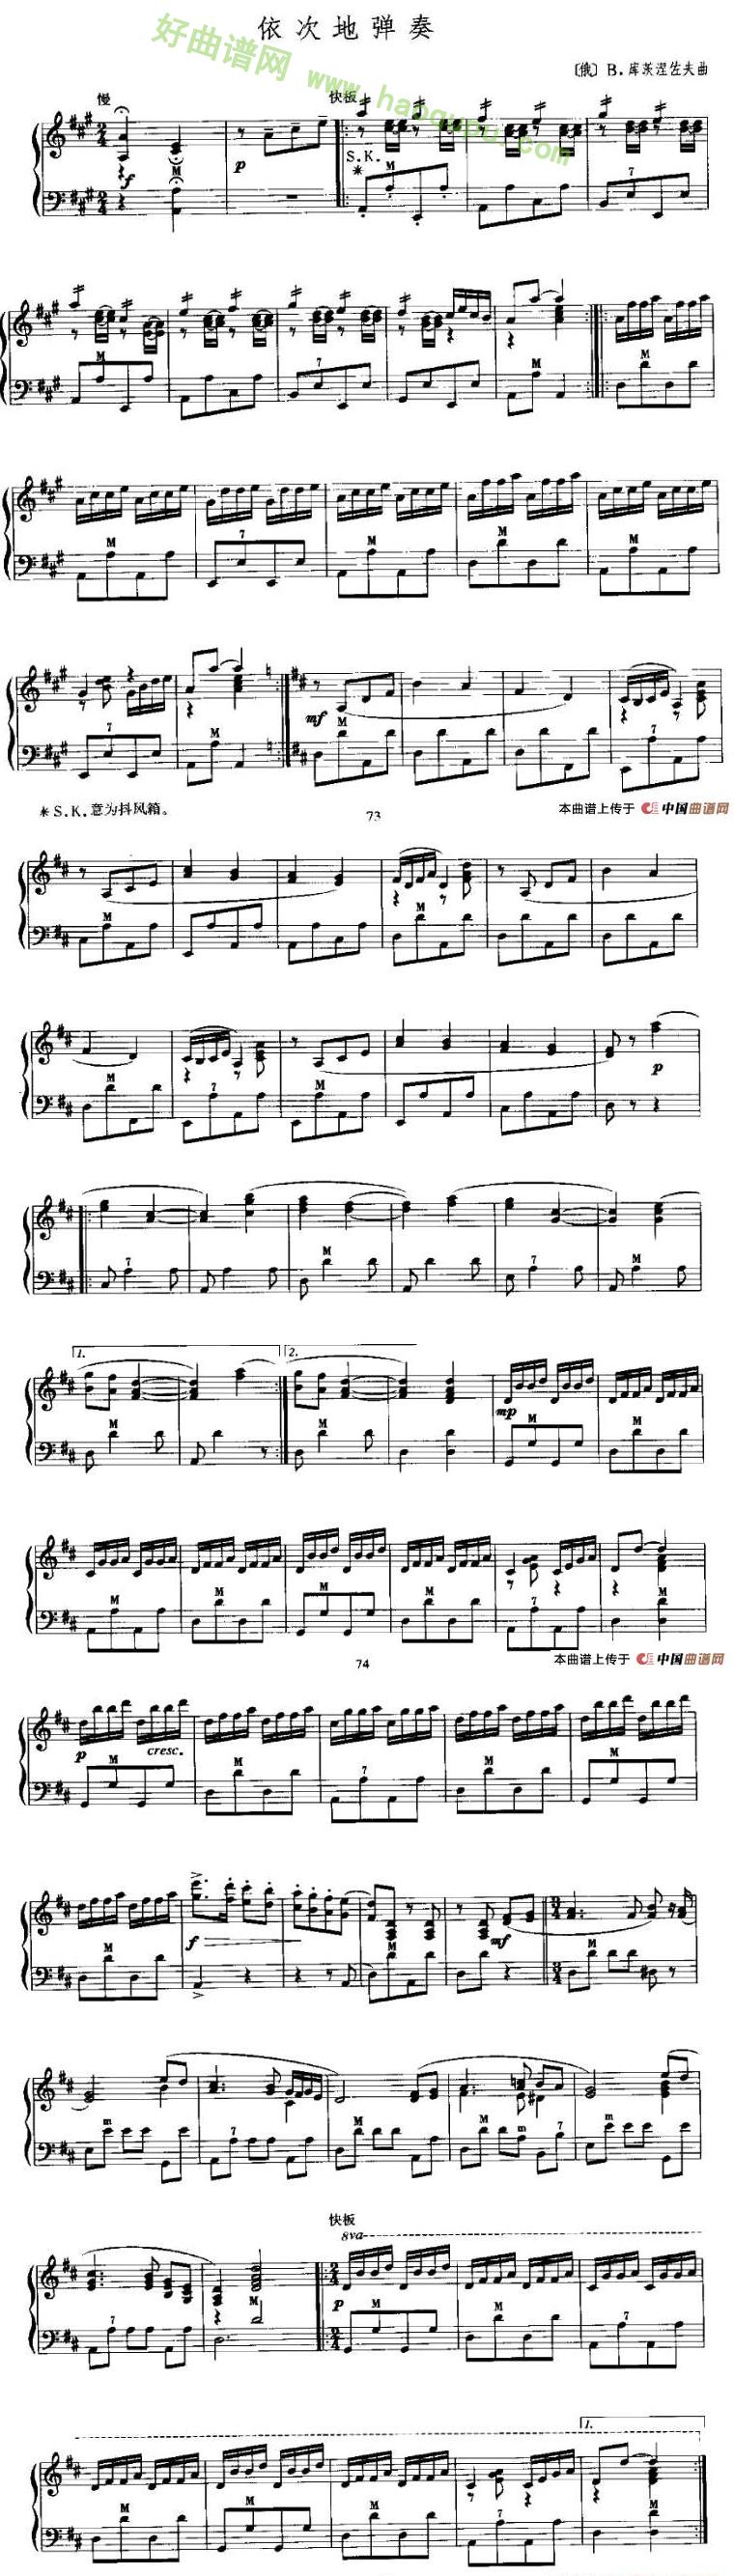 《依次地弹奏》 手风琴曲谱第1张